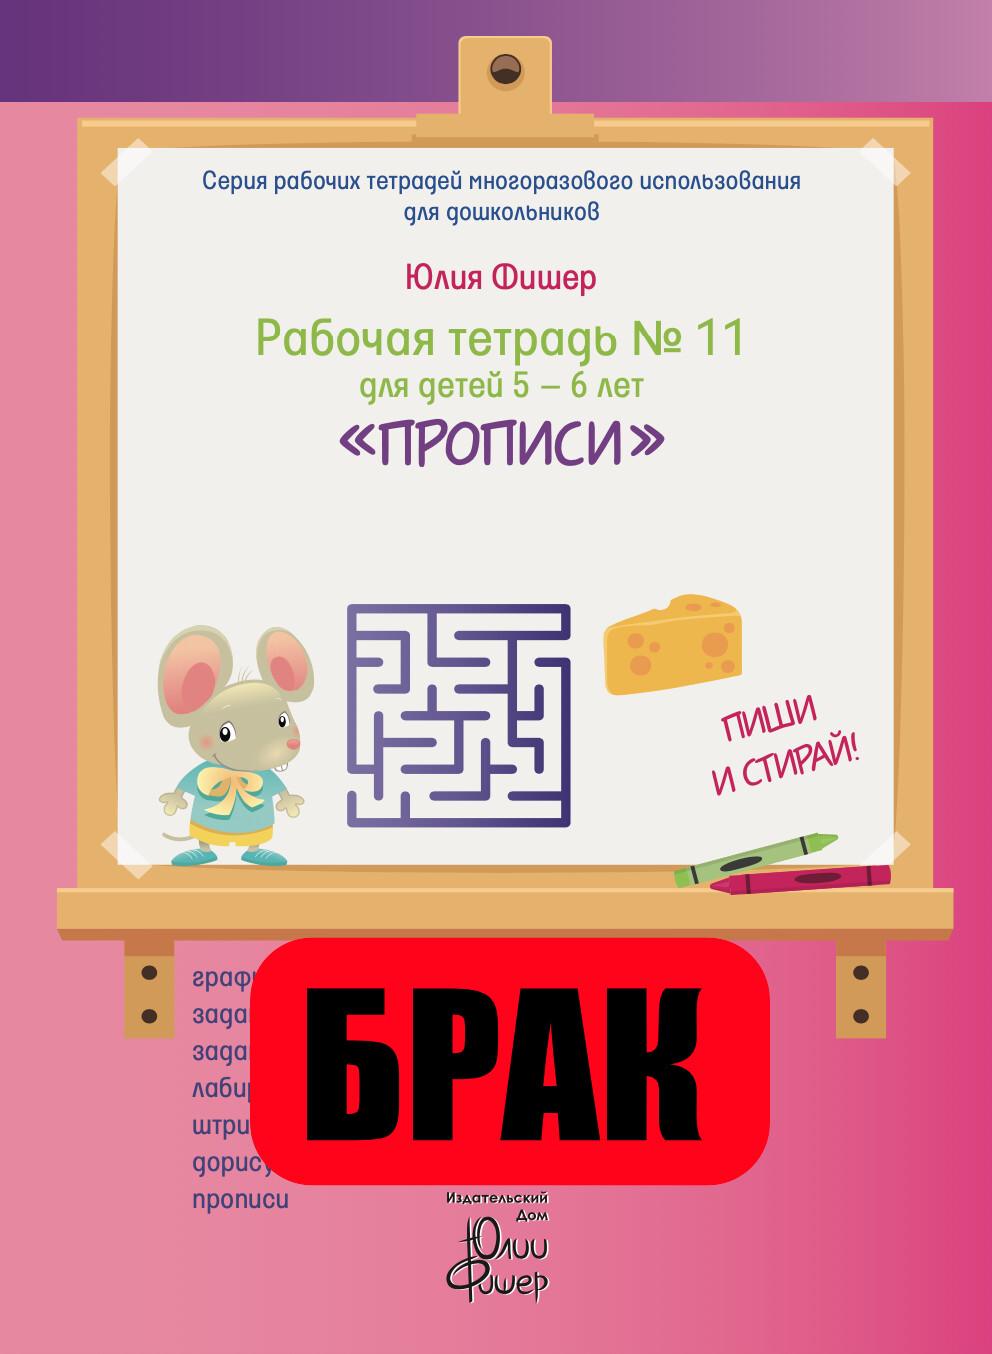 БРАК. Рабочая тетрадь № 11 для детей 5-6 лет «Прописи». Маркер в комплекте (зелёный)